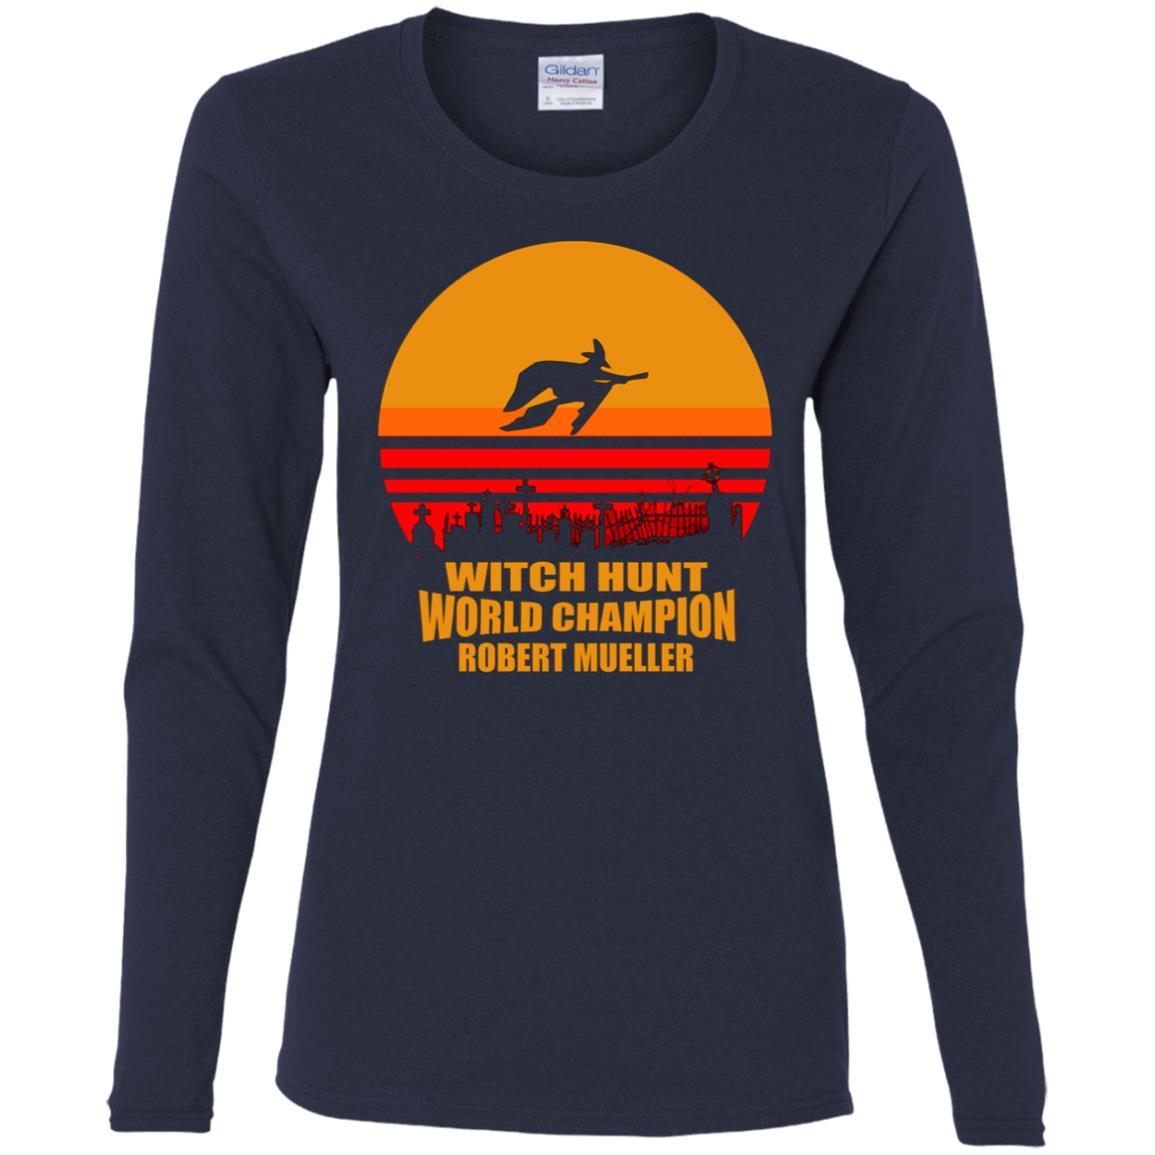 Witch Hunt World Champion Robert Mueller Women Long Sleeve T-Shirt